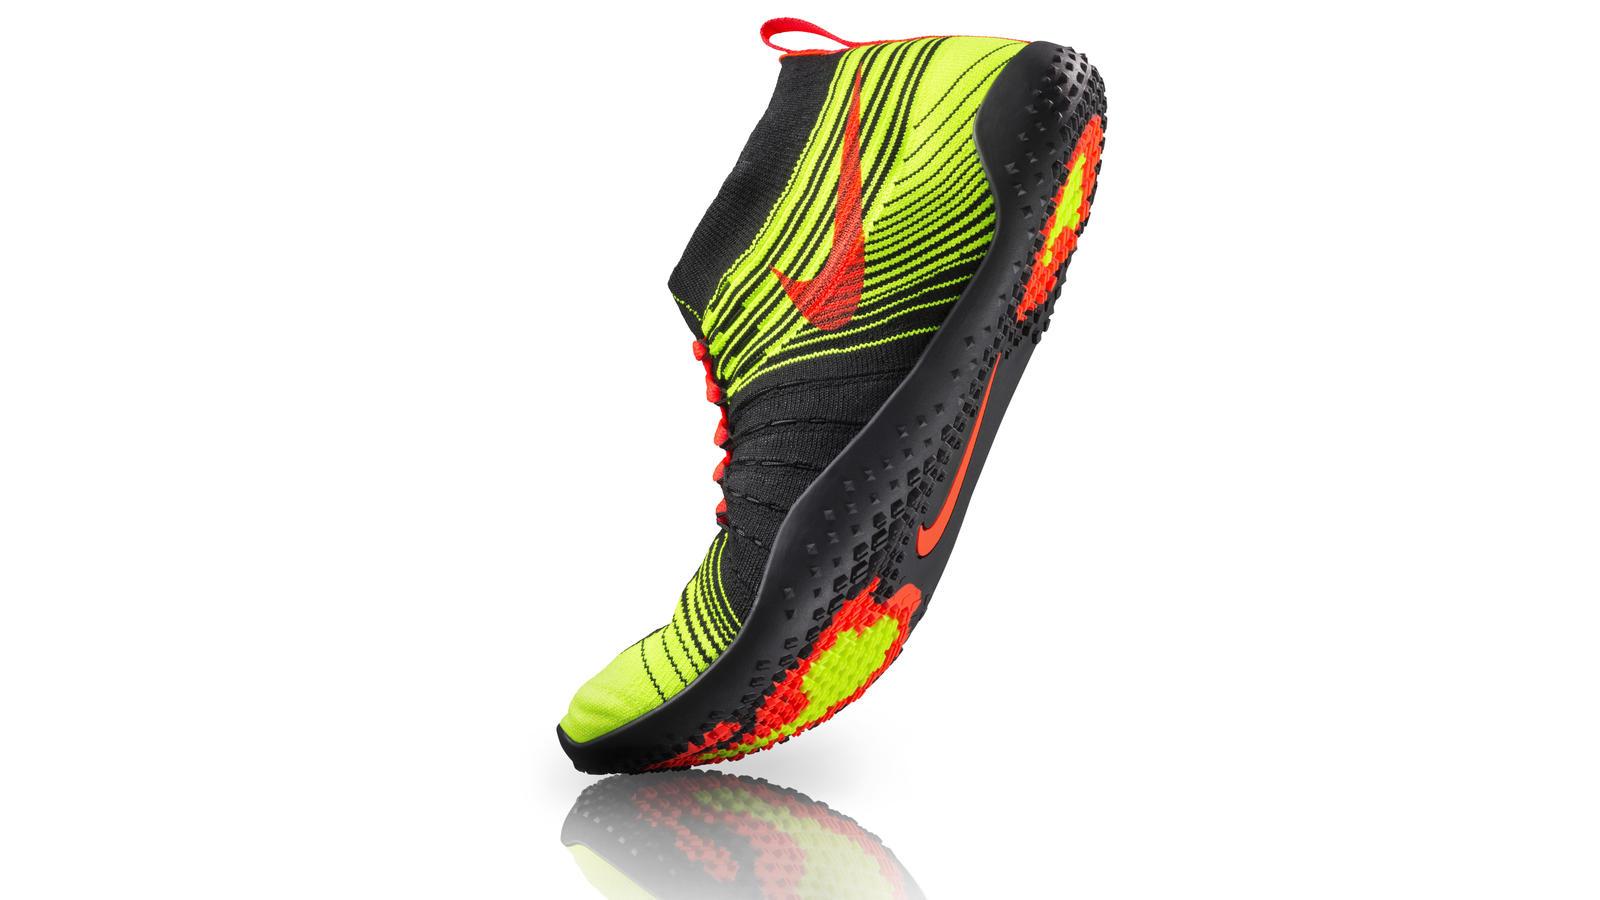 Nike%20 Free%20 Hyperfeel%20 Tr%20flex